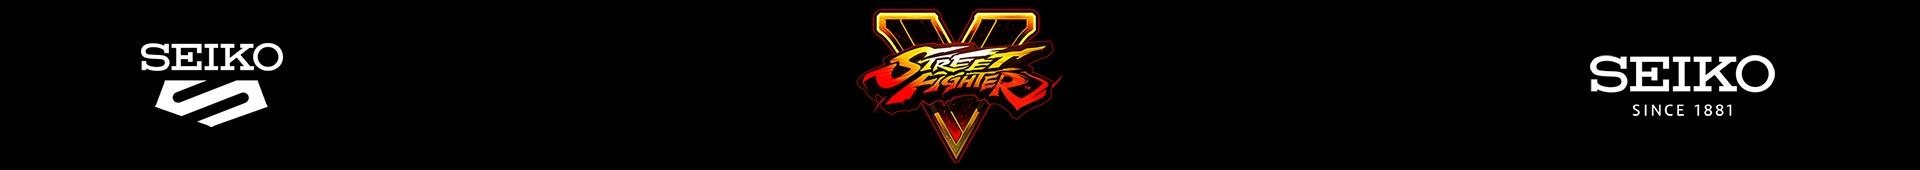 Seiko Street Fighter